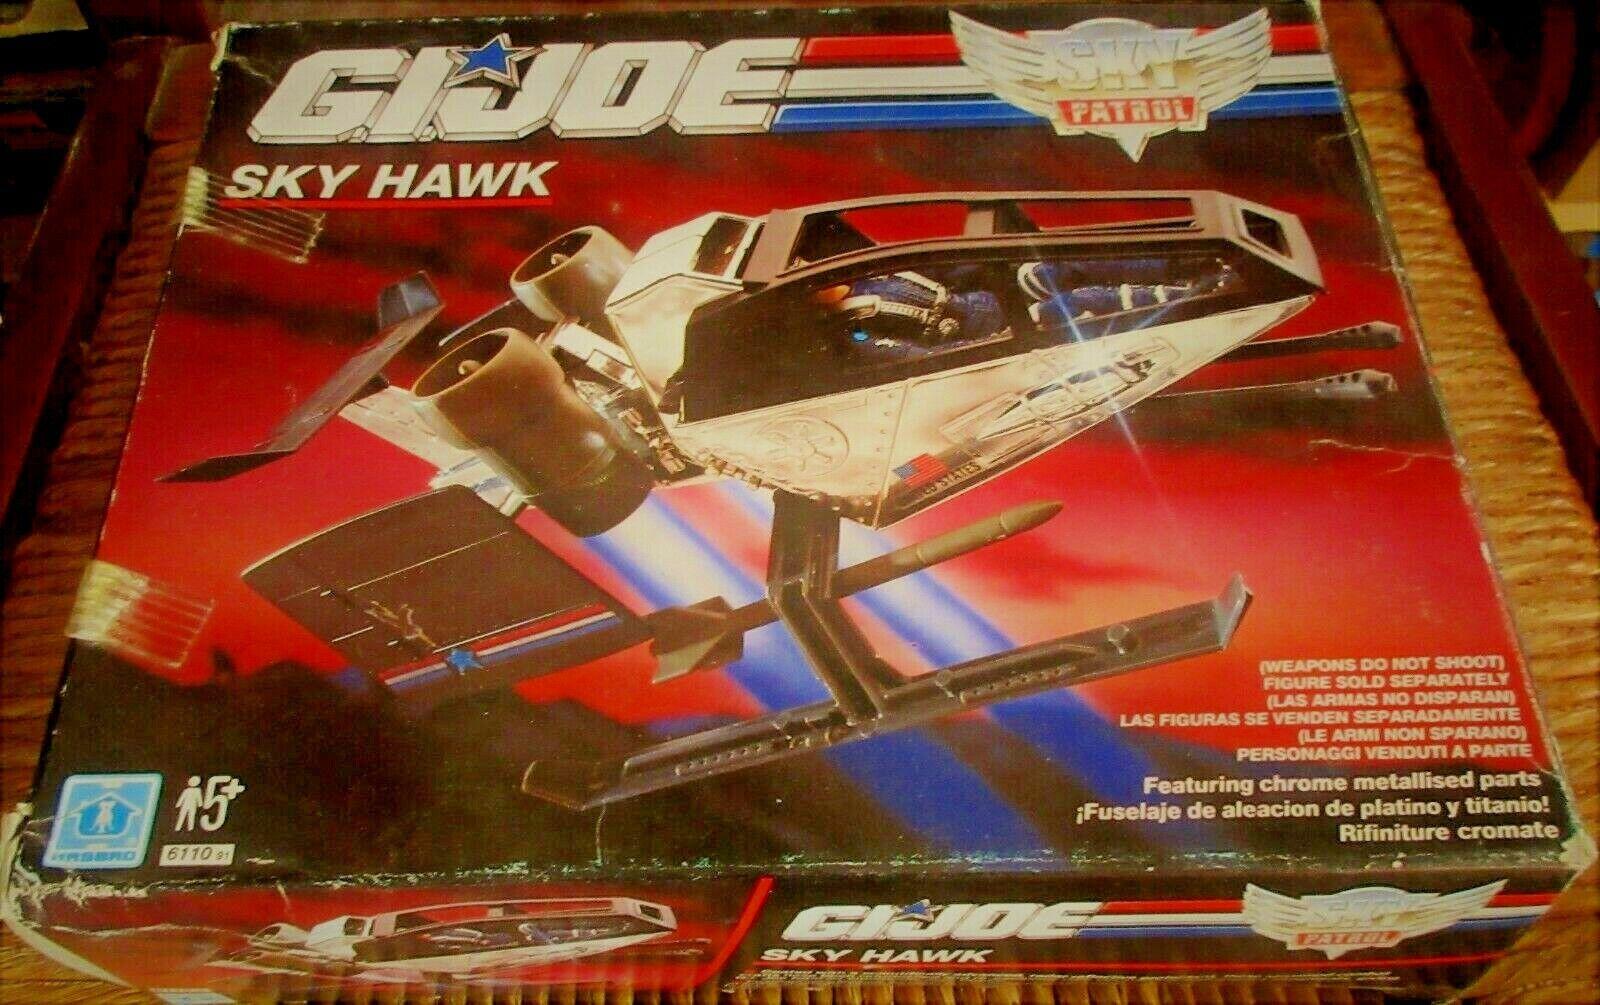 comprar nuevo barato Vintage De Gi Joe 1991-Sky Patrol HAWK-Versión Europea Europea Europea Menta en caja HASBRO  Envío rápido y el mejor servicio